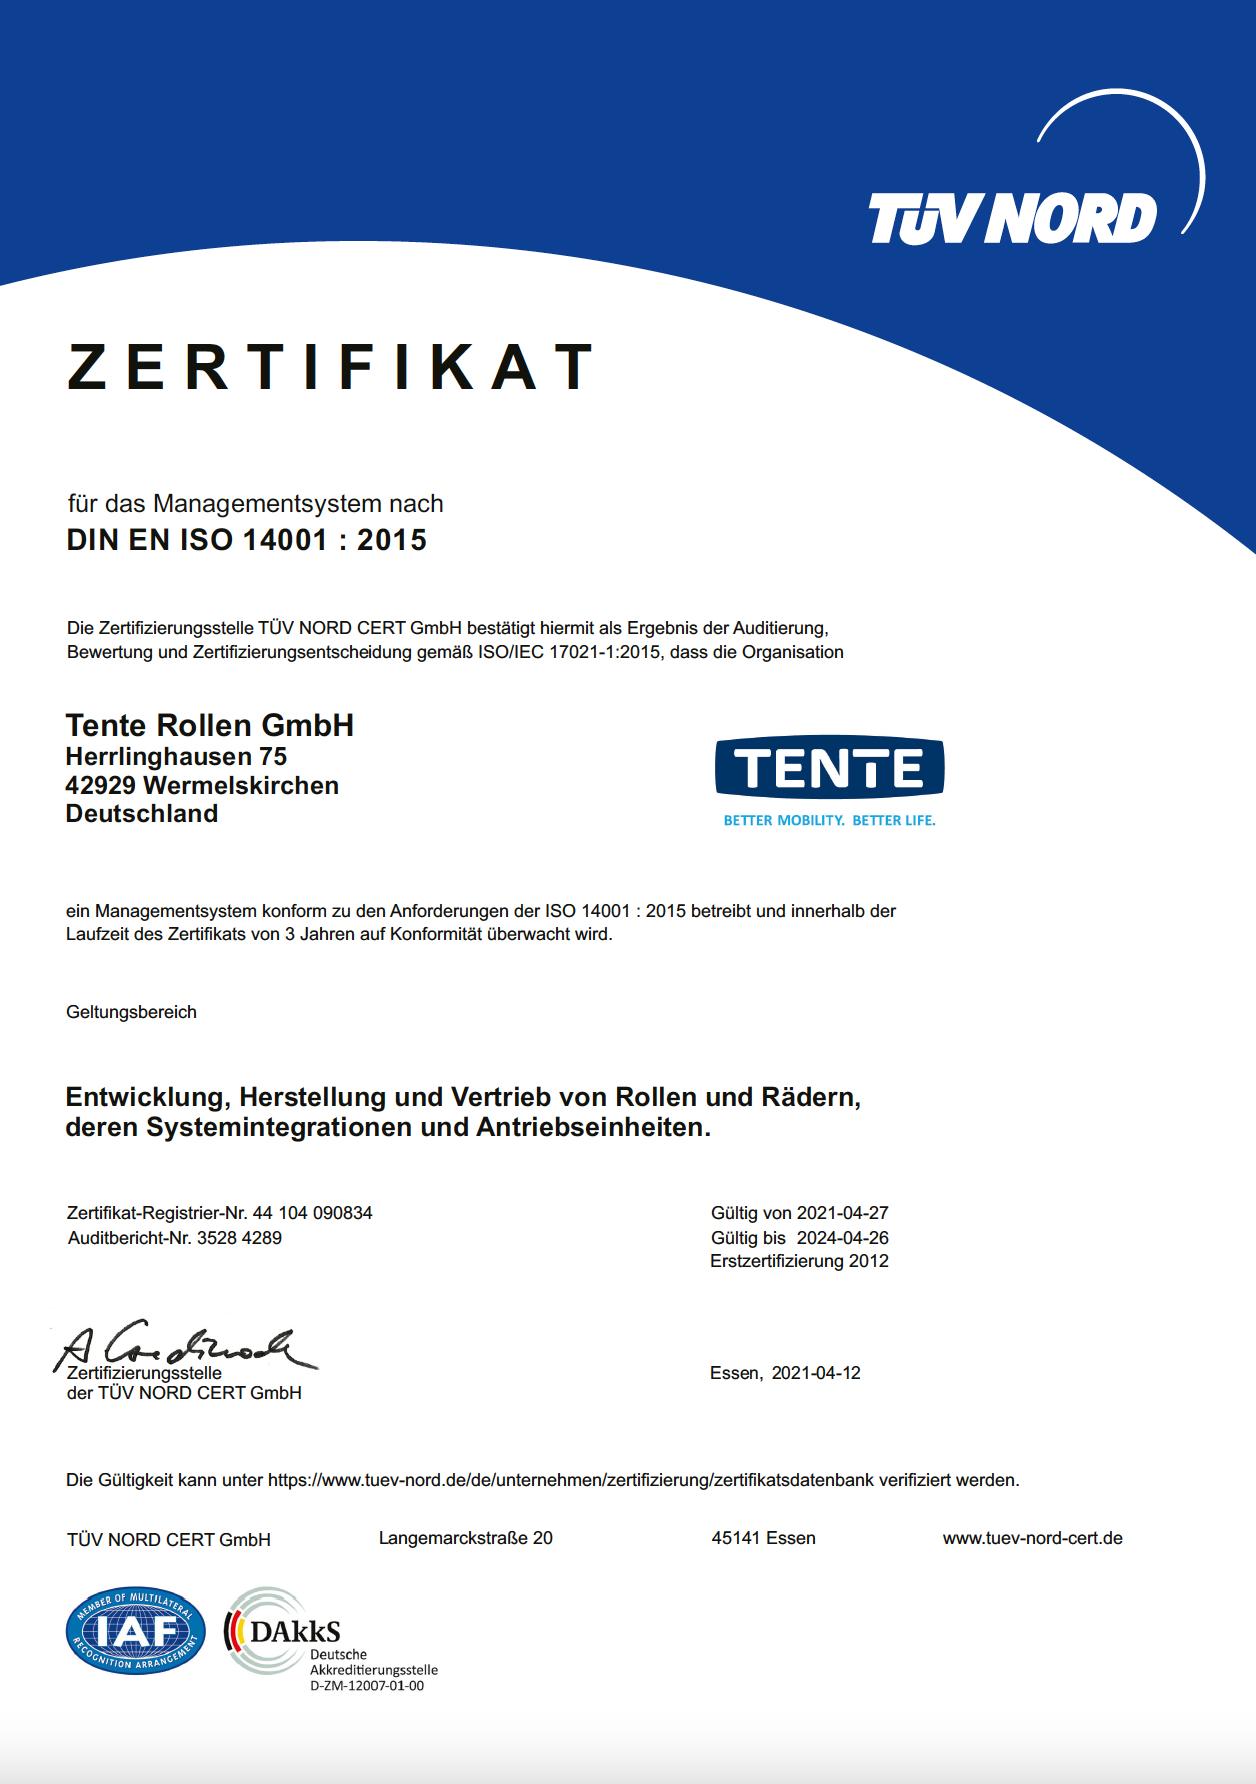 Certificatie ISO 14001 - TENTE Rollen GmbH